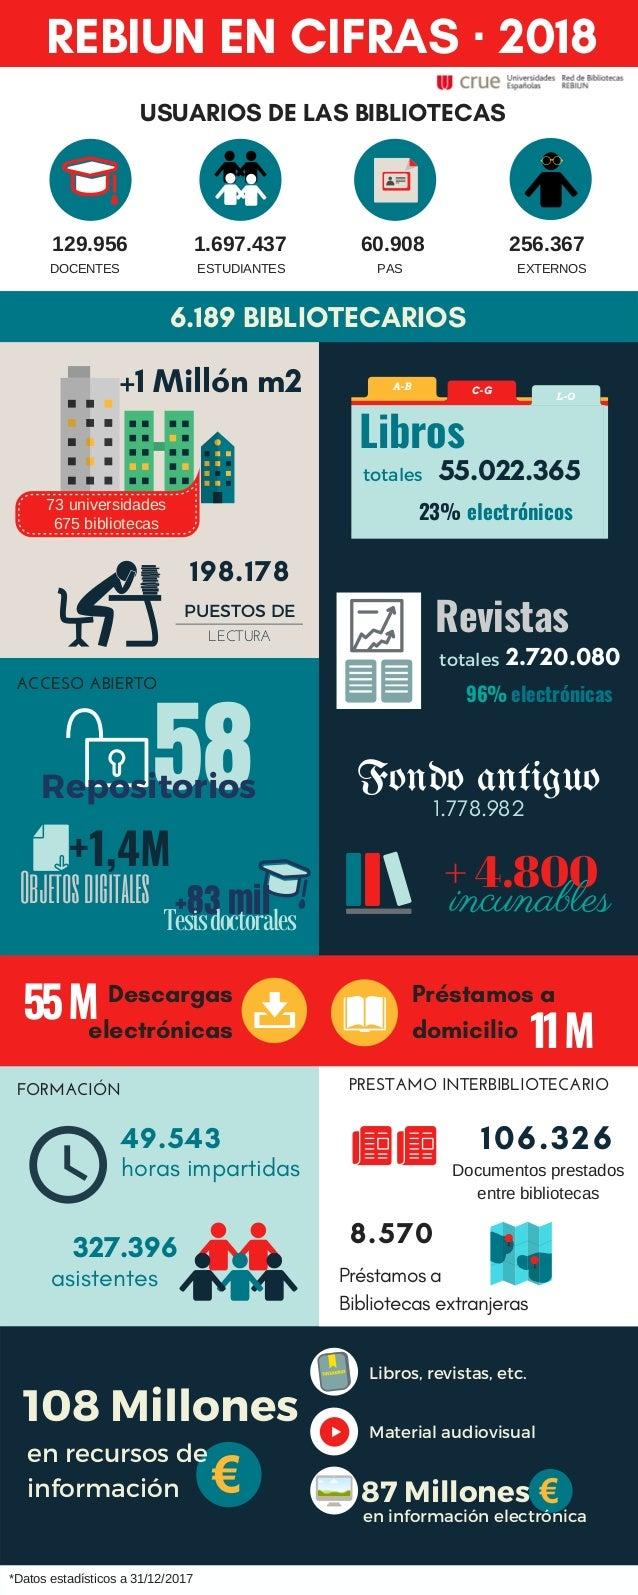 REBIUN EN CIFRAS � 2018 USUARIOS DE LAS BIBLIOTECAS Pr�stamos a domicilio 327.396 PRESTAMO INTERBIBLIOTECARIO 129.956 DOCE...